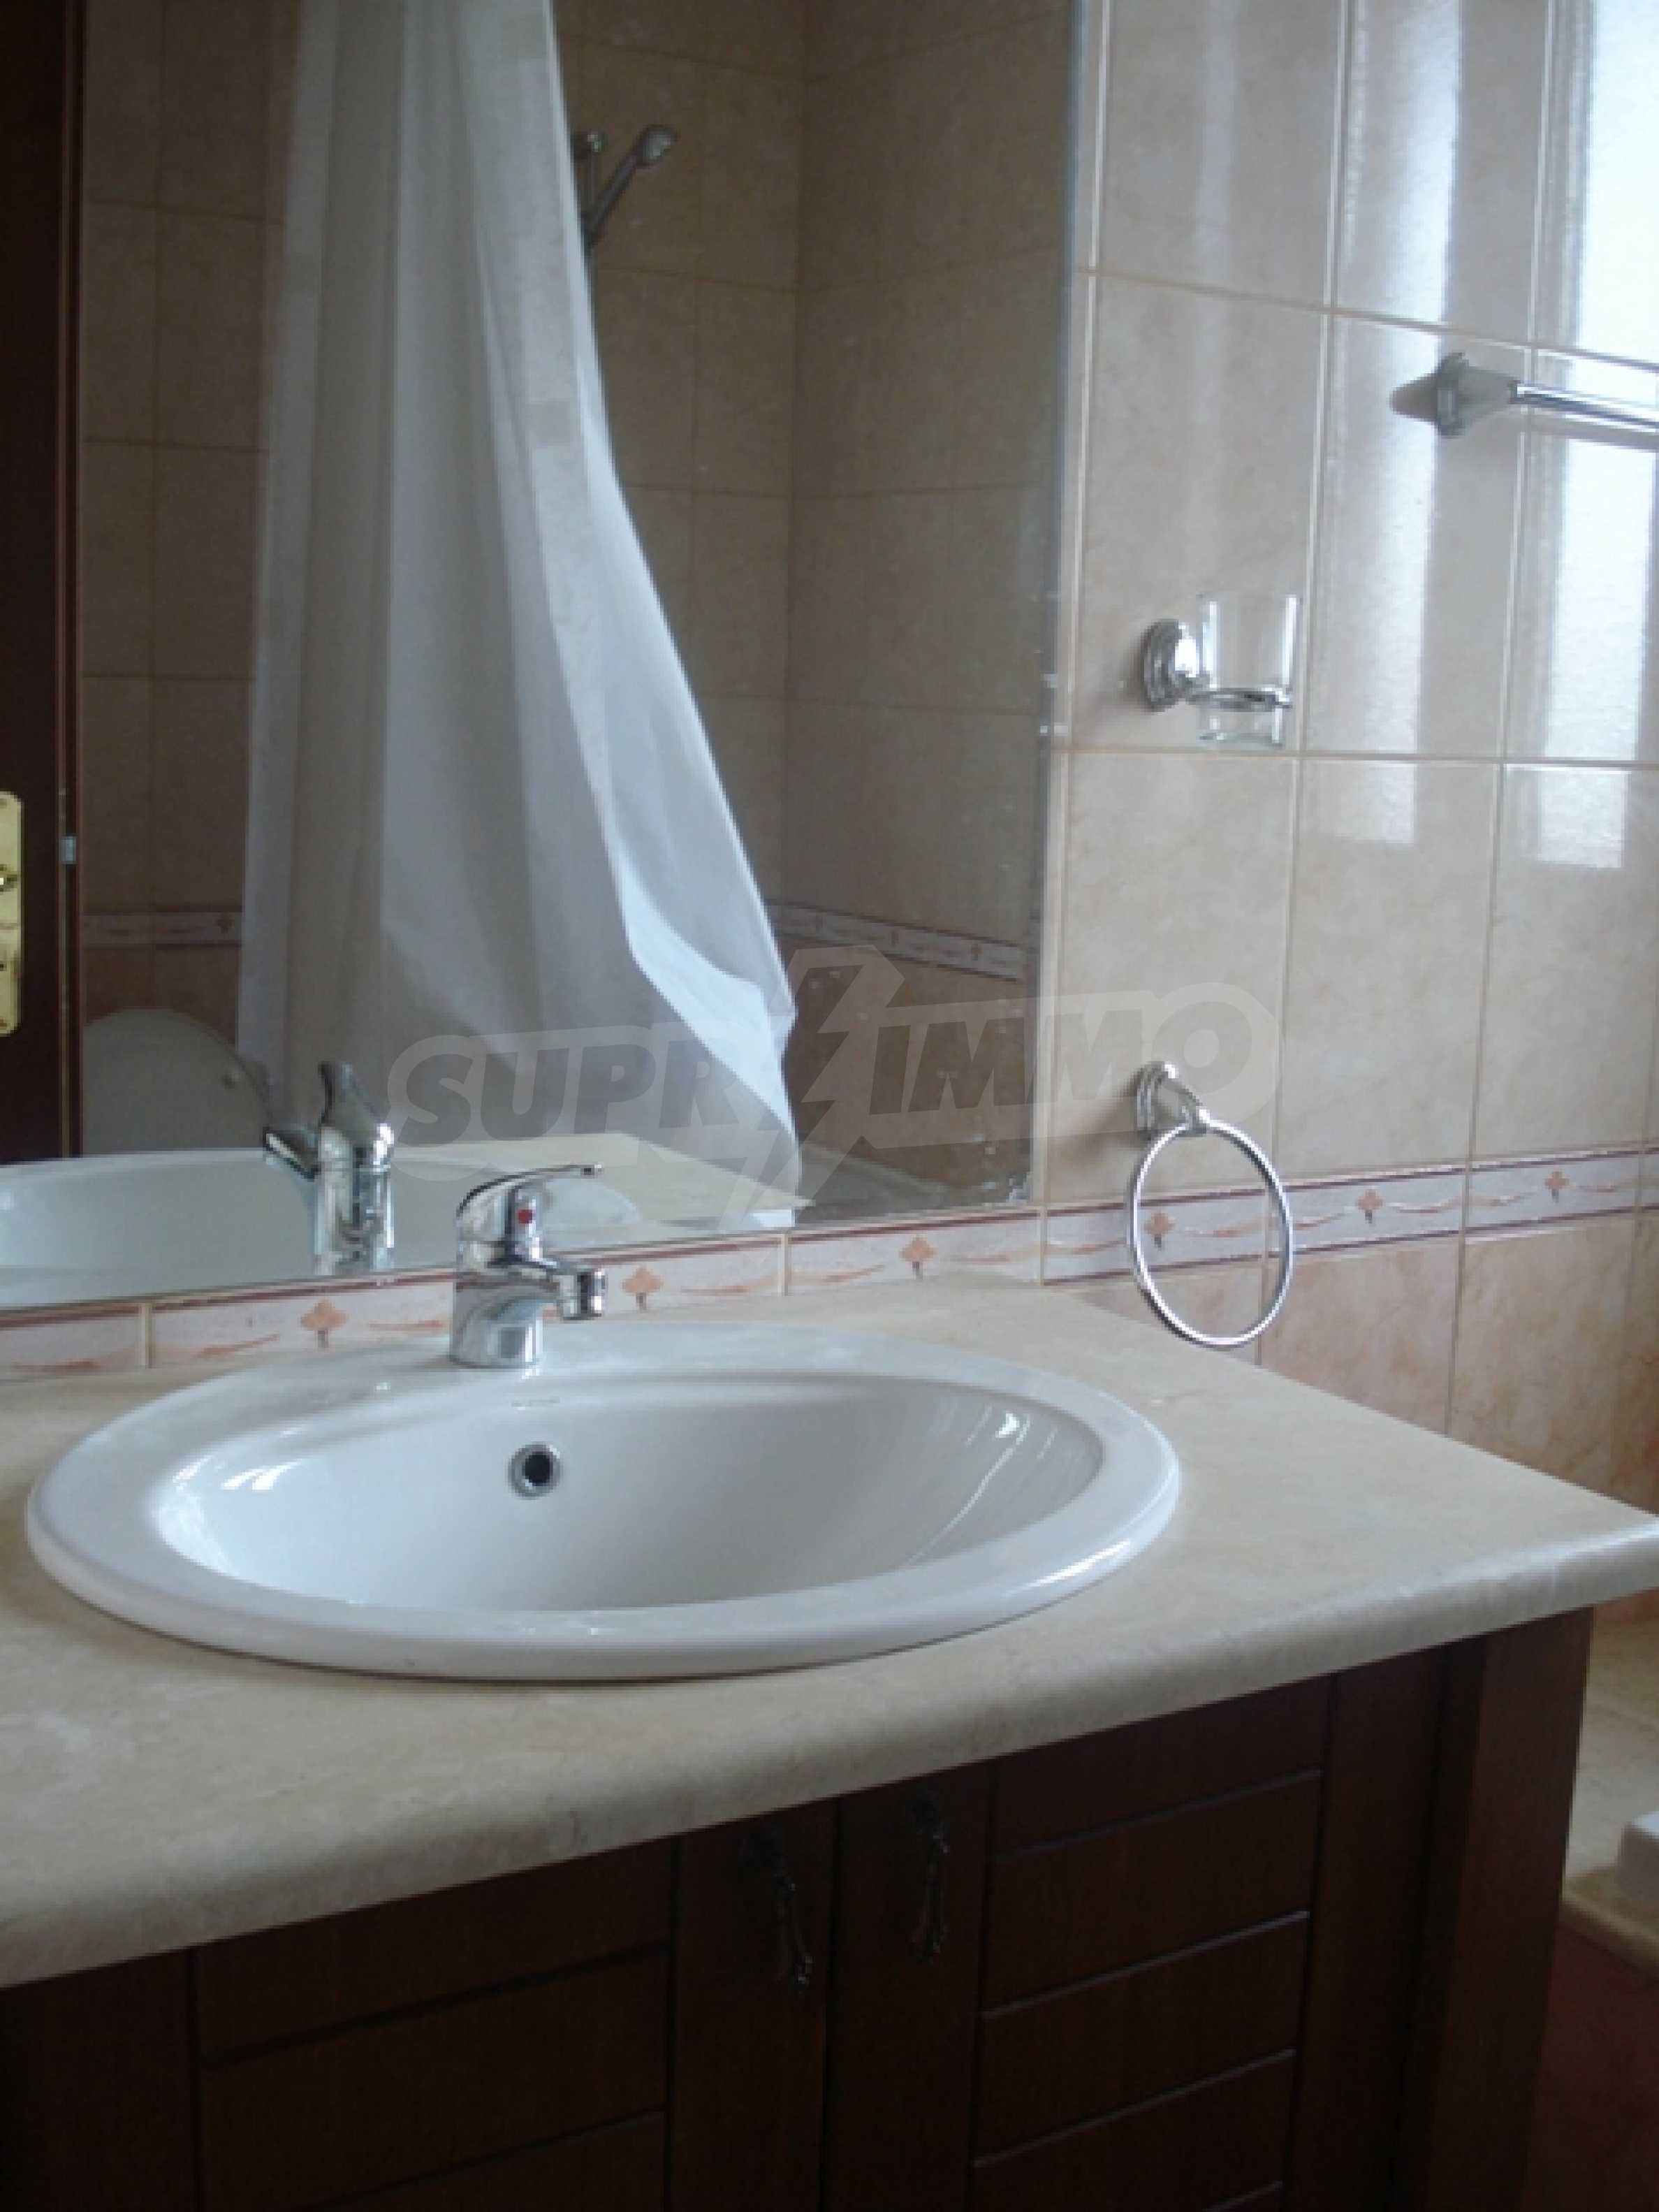 Апартамент в центре комплекса «Калиакрия Голф Резорт», в 55 км от Варны 7